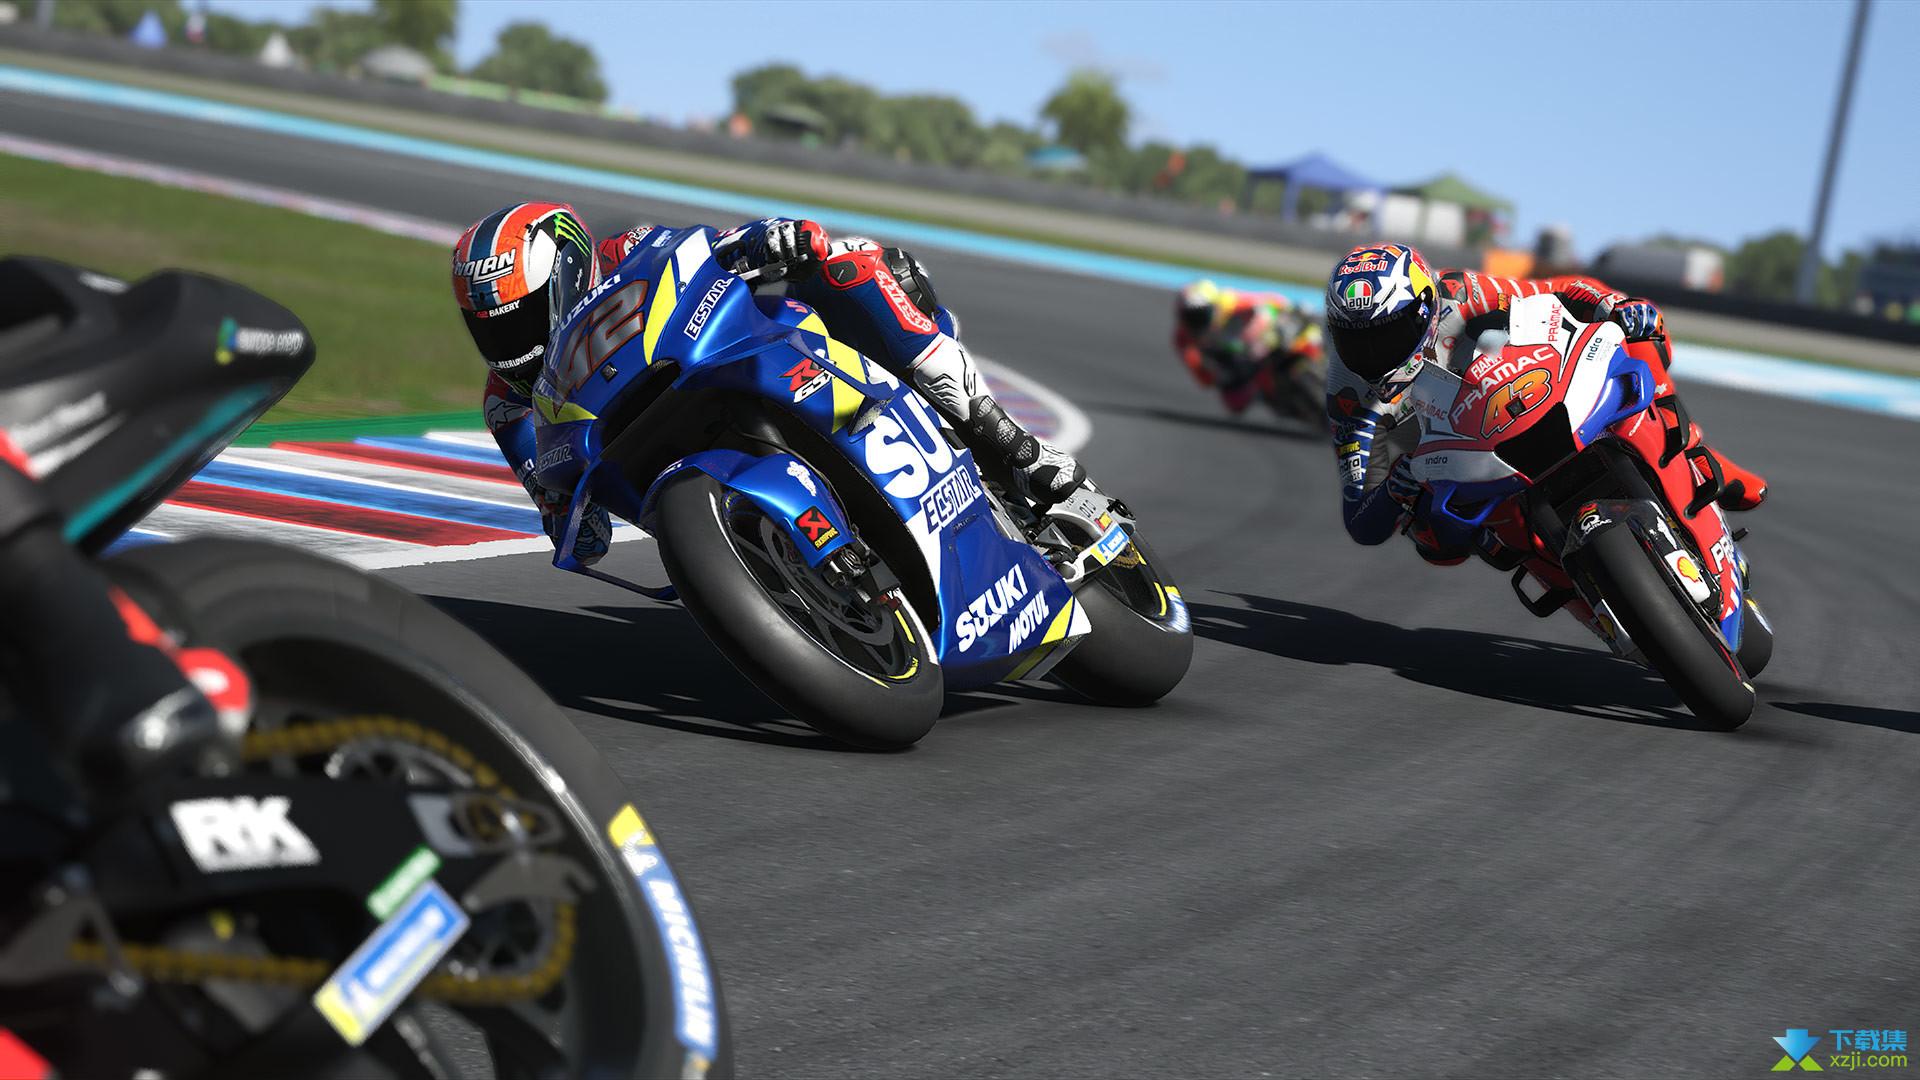 世界摩托大奖赛20界面4